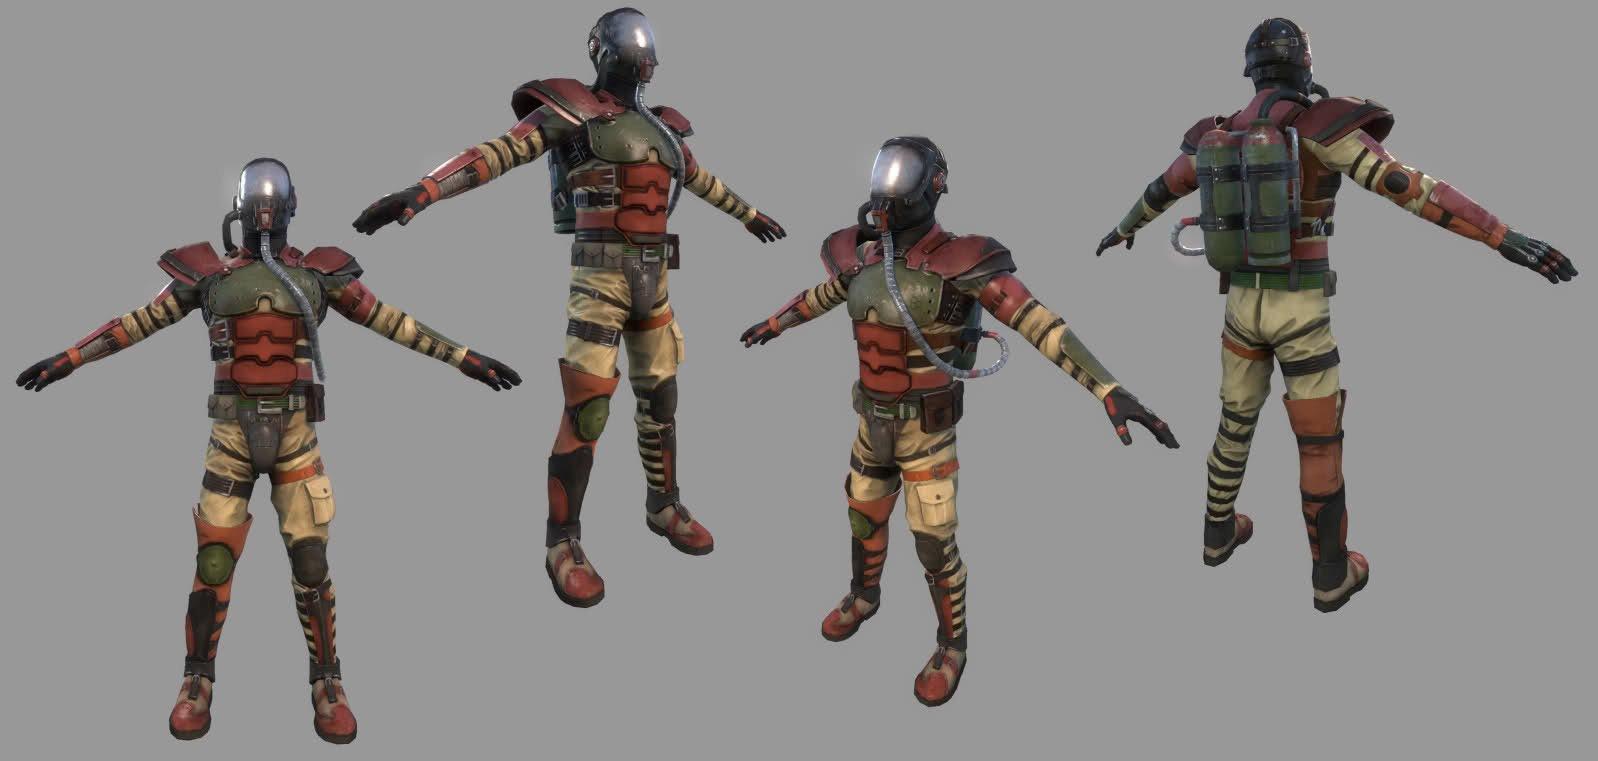 Релиз русификации неофициального дополнения для Fallout: New Vegas - Beyond Boulder Dome. - Изображение 3